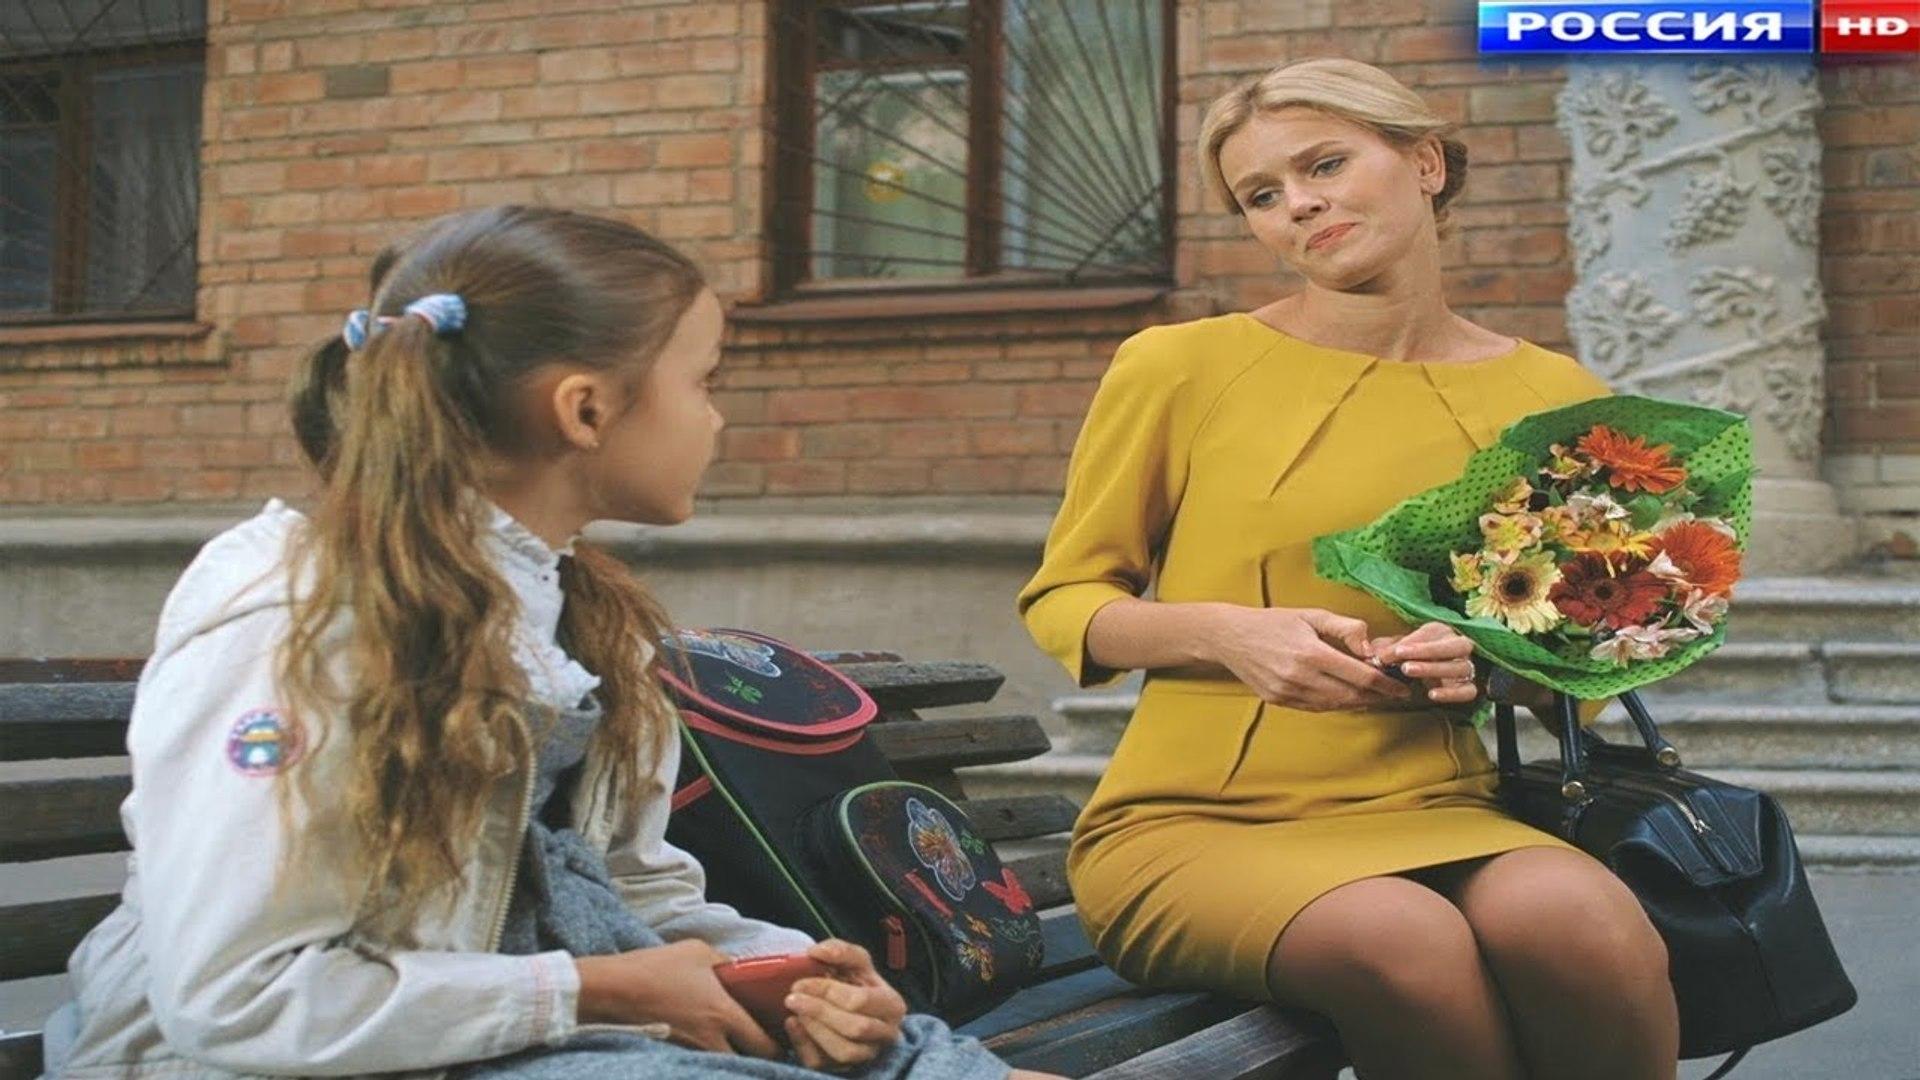 Кинопоказ Фильма привлек всех! ПОЕЗДКА ЗА СЧАСТЬЕМ Русские мелодрамы новинки, фильмы 2018 1080 Melod